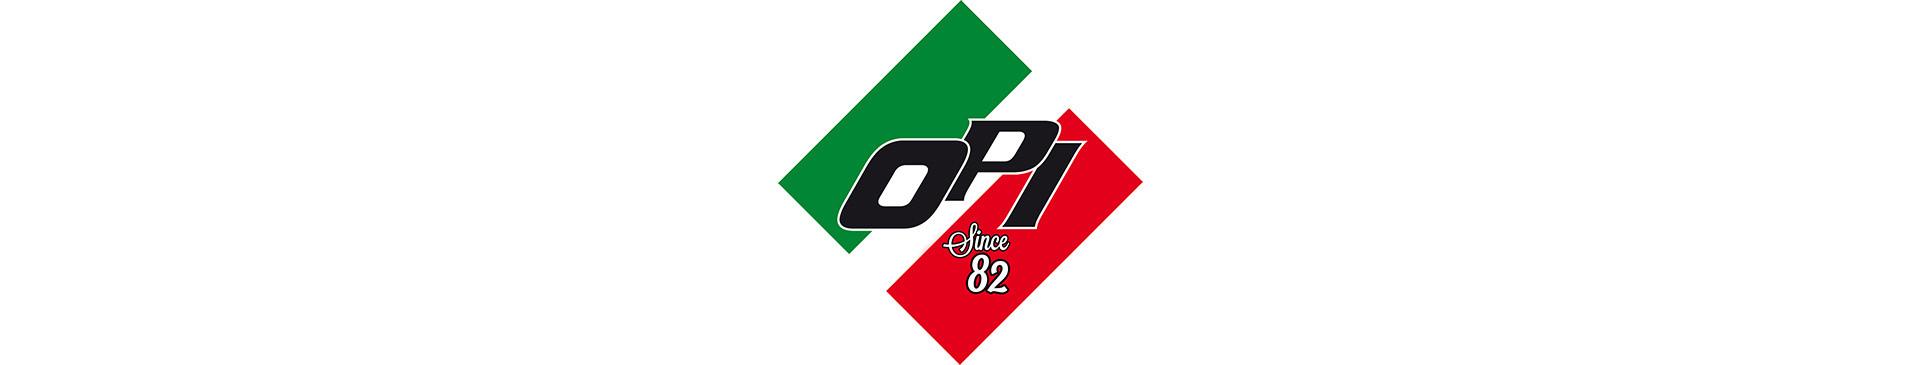 2020_04_sponsor_OPI_logo.jpg